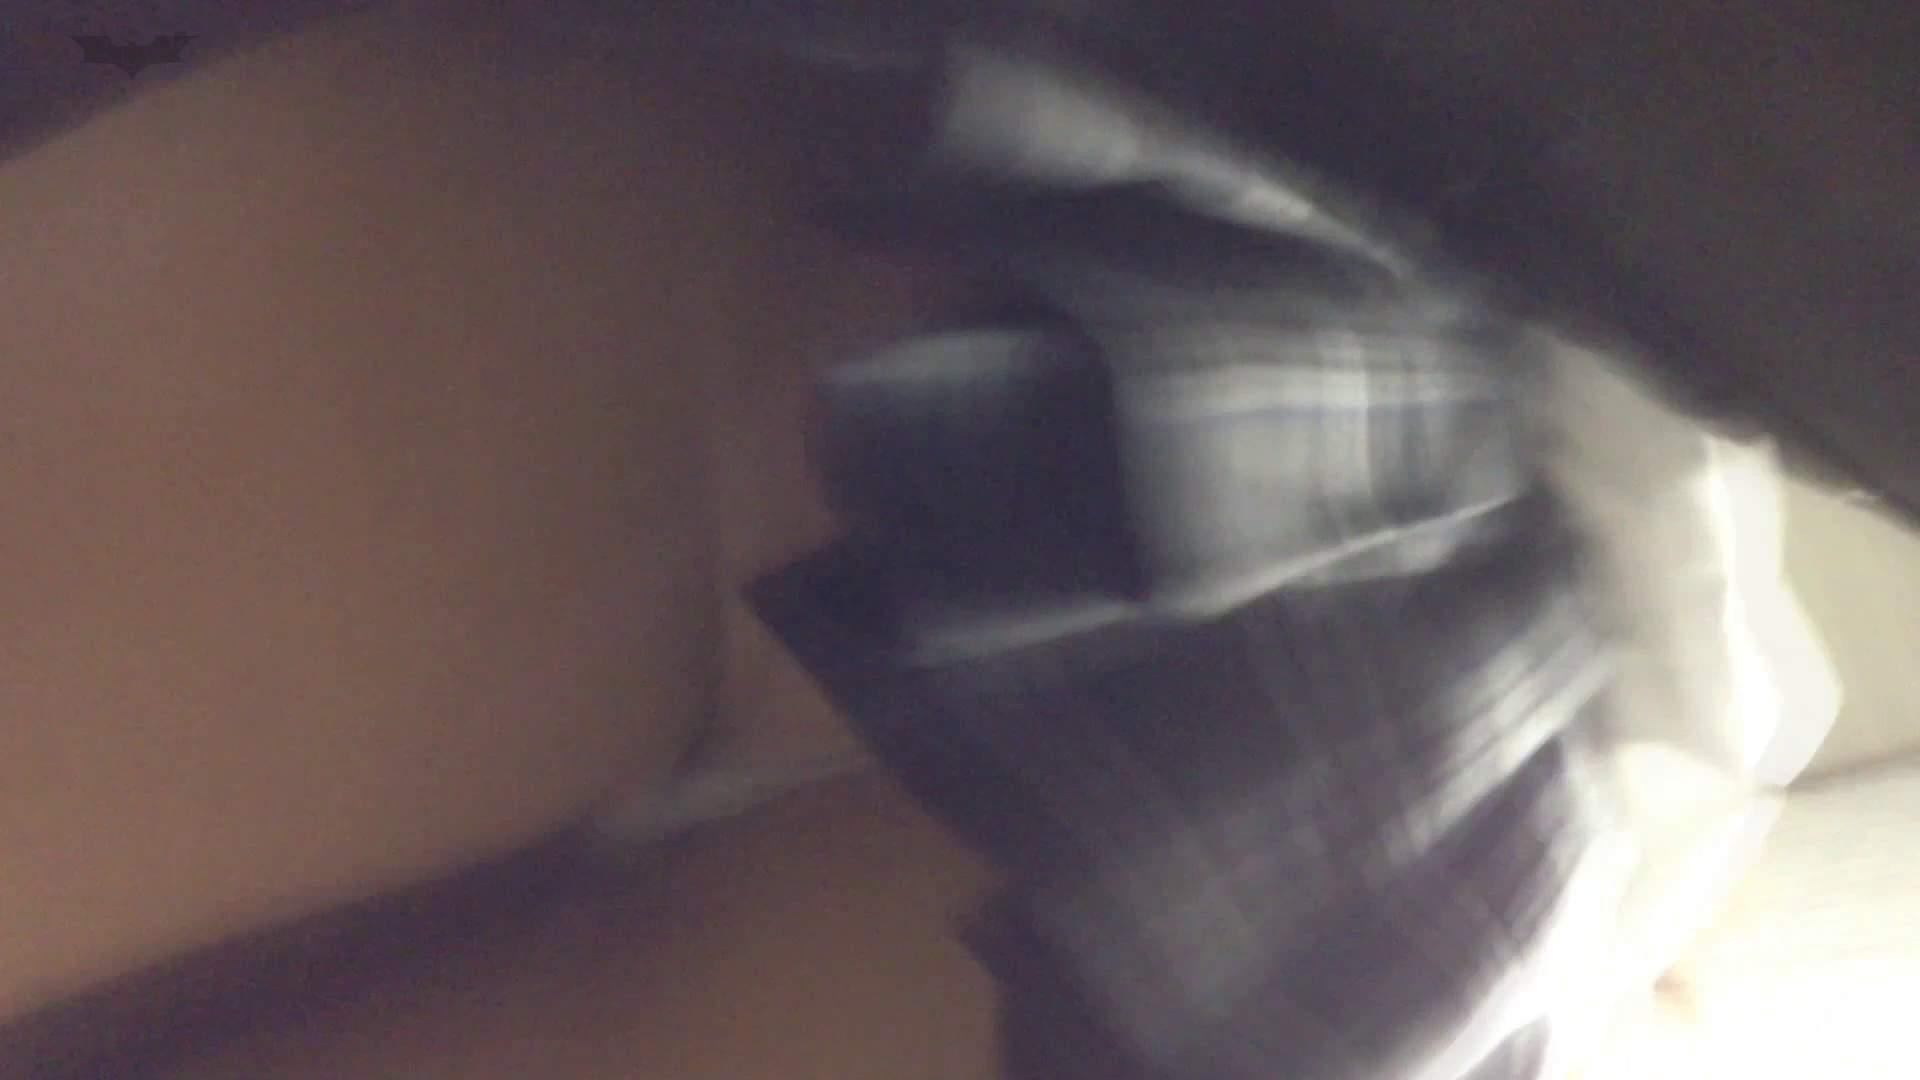 階段パンチラ Vol.08 パンチラ | パンツの中は。。  82PIX